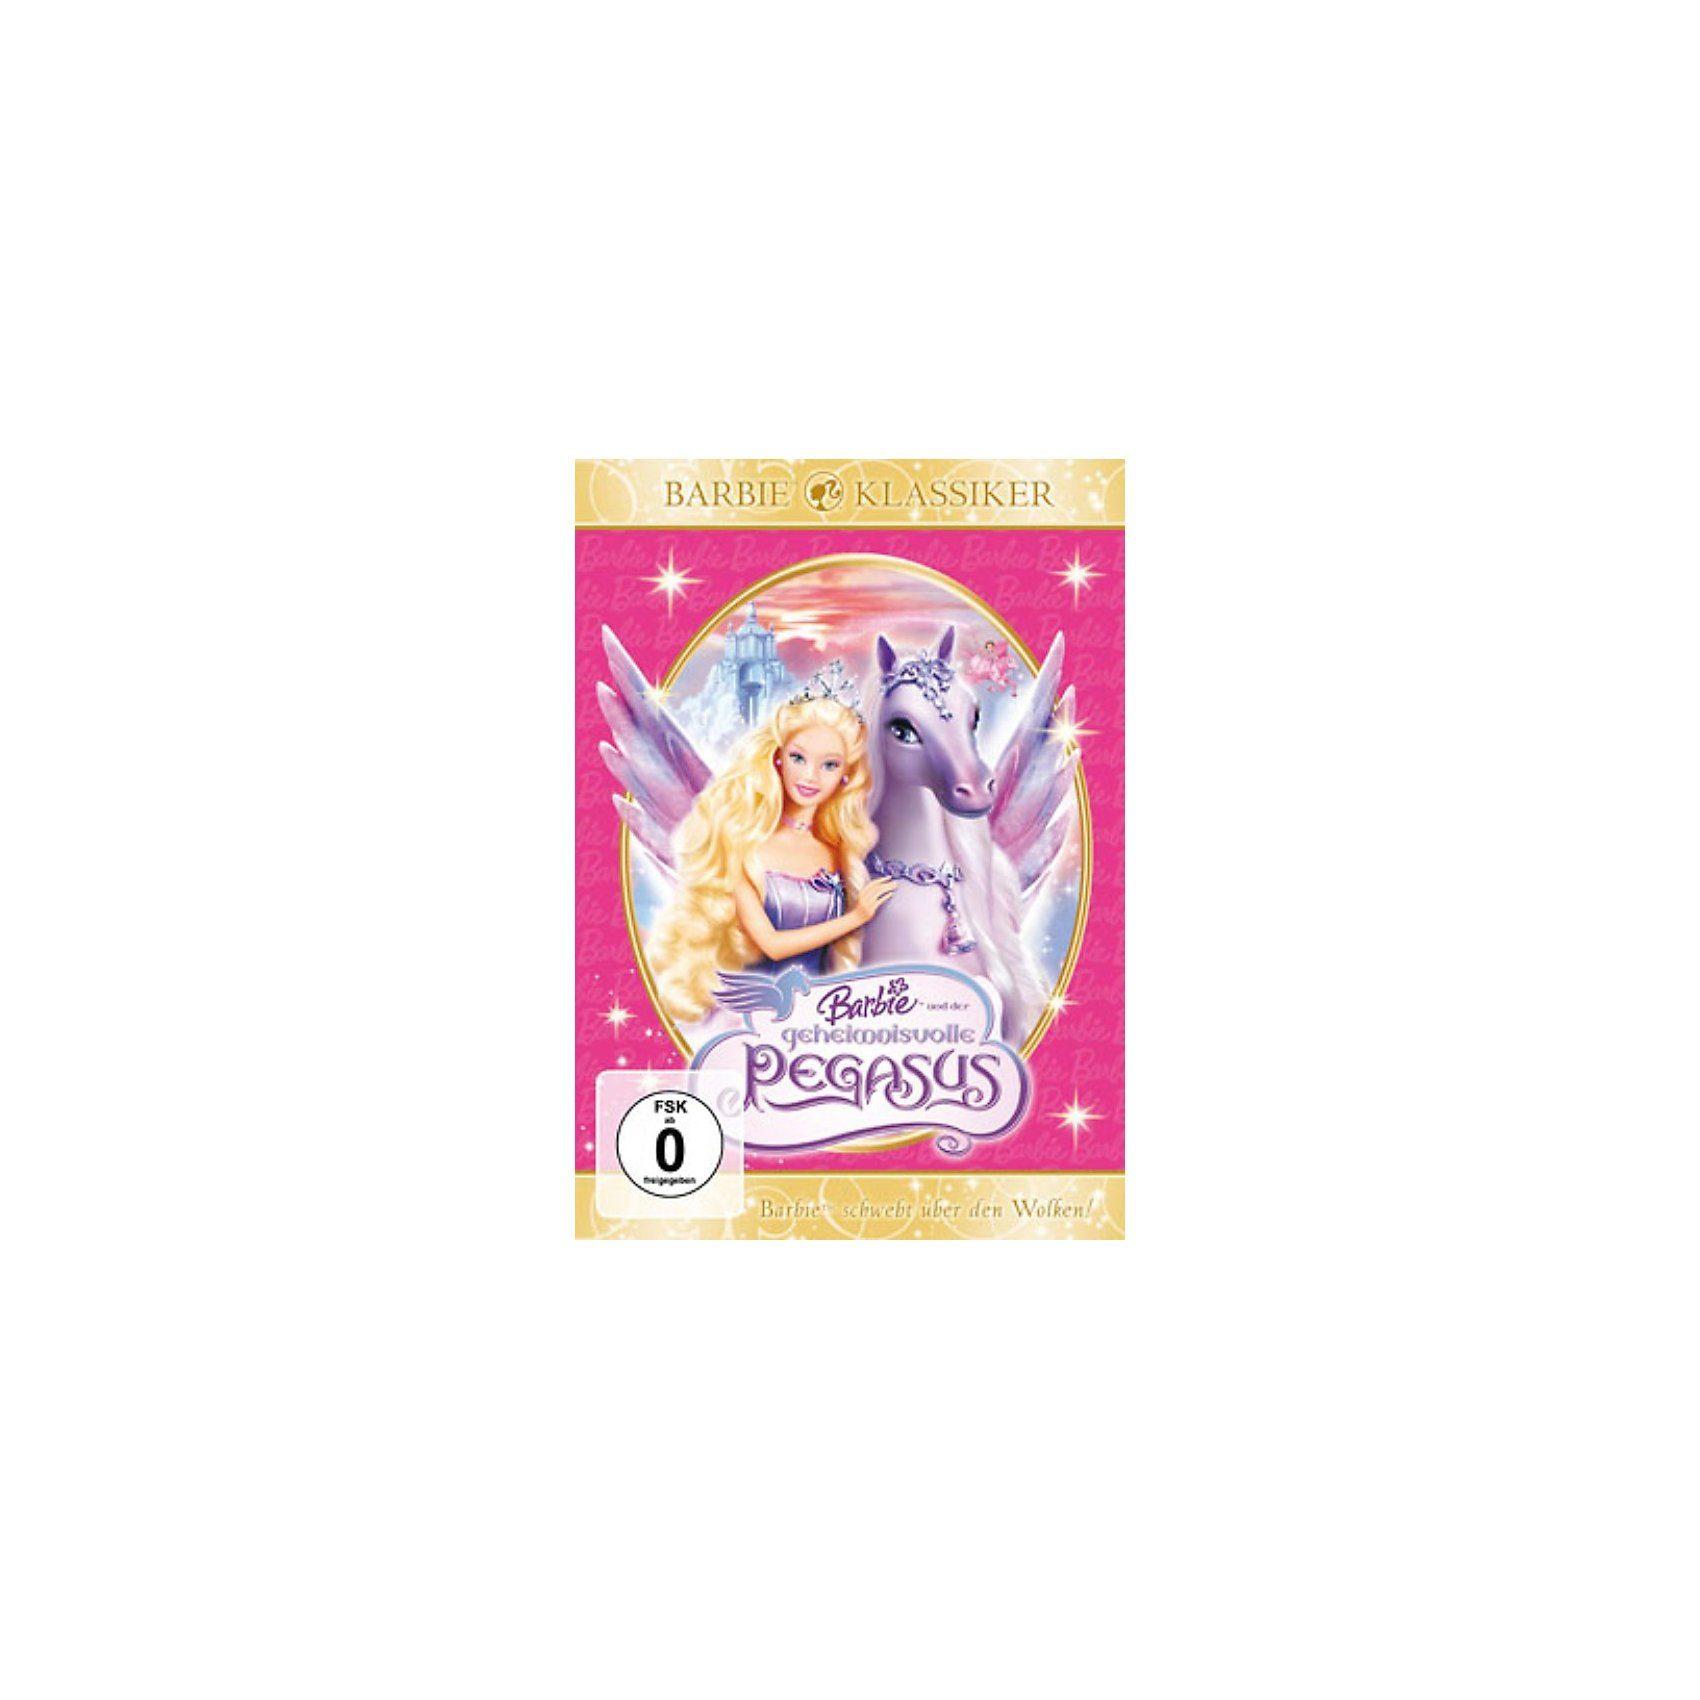 Universal DVD Barbie und der Geheimnisvolle Pegasus